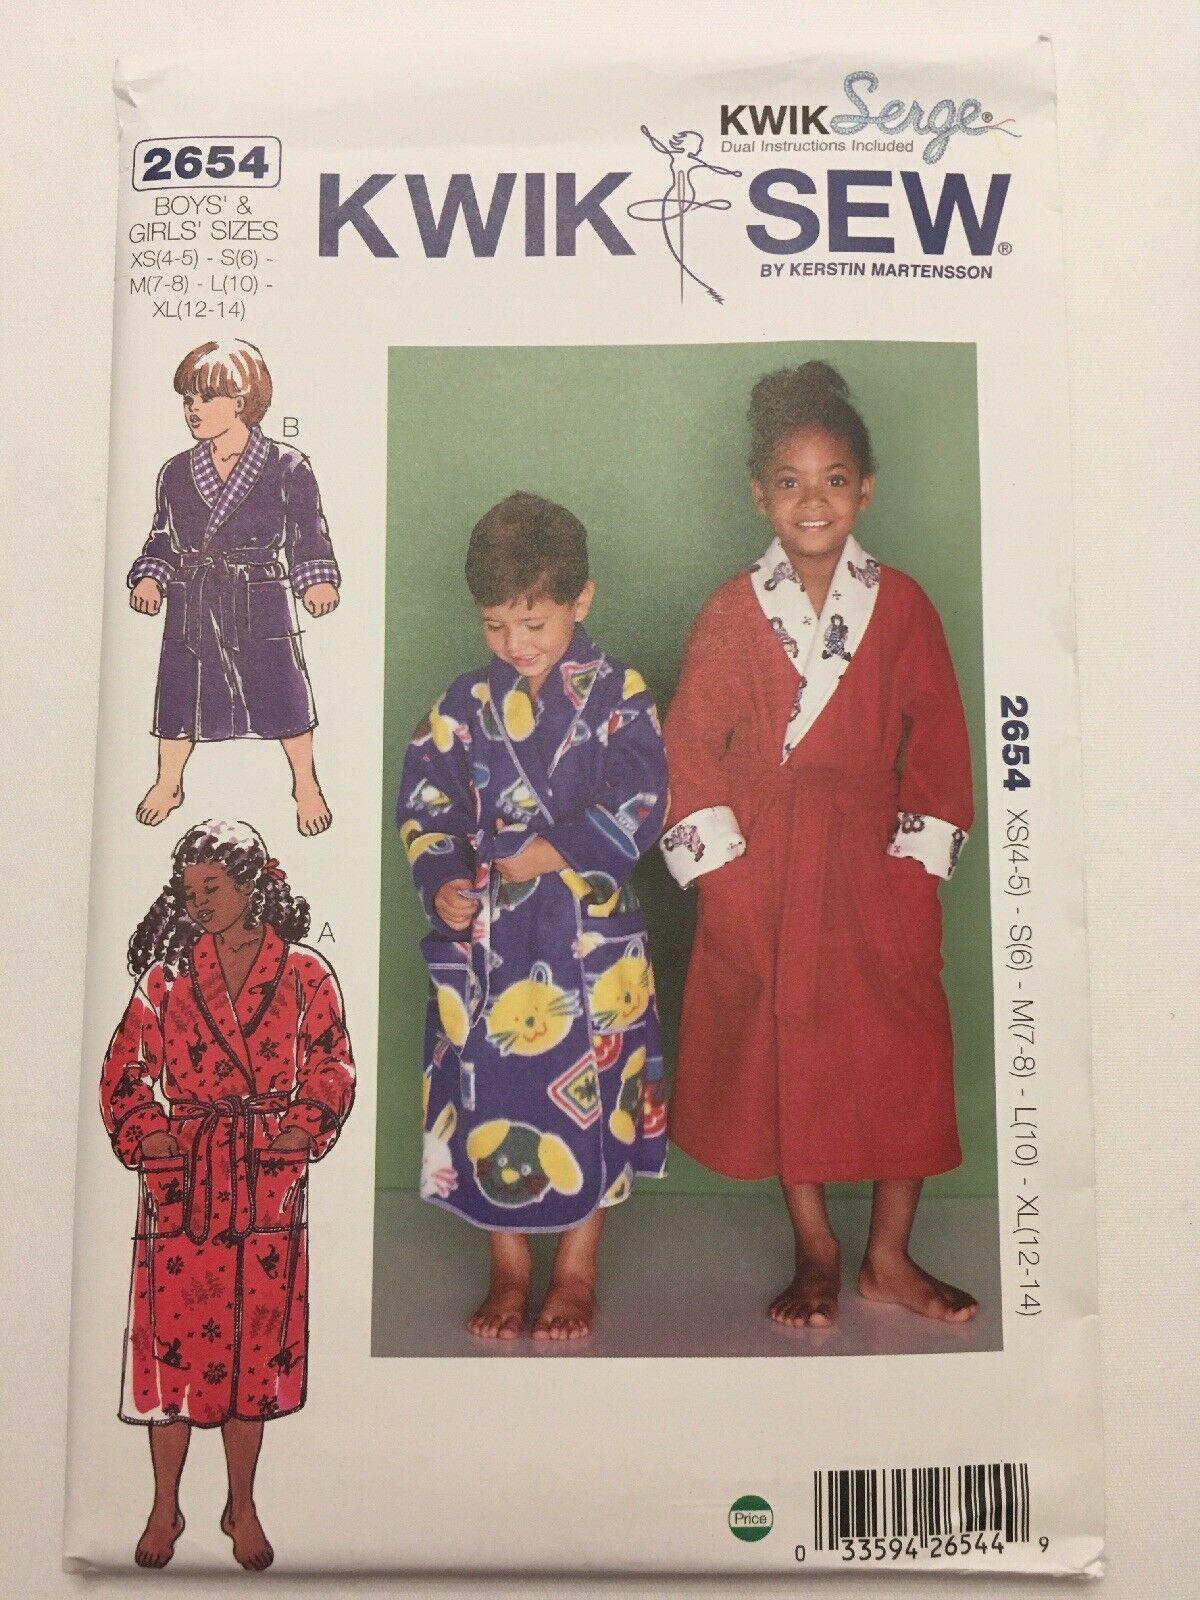 Kwik Sew 2654 Wrap Robes Children Boy Girl Sewing Pattern Size XS-XL Uncut